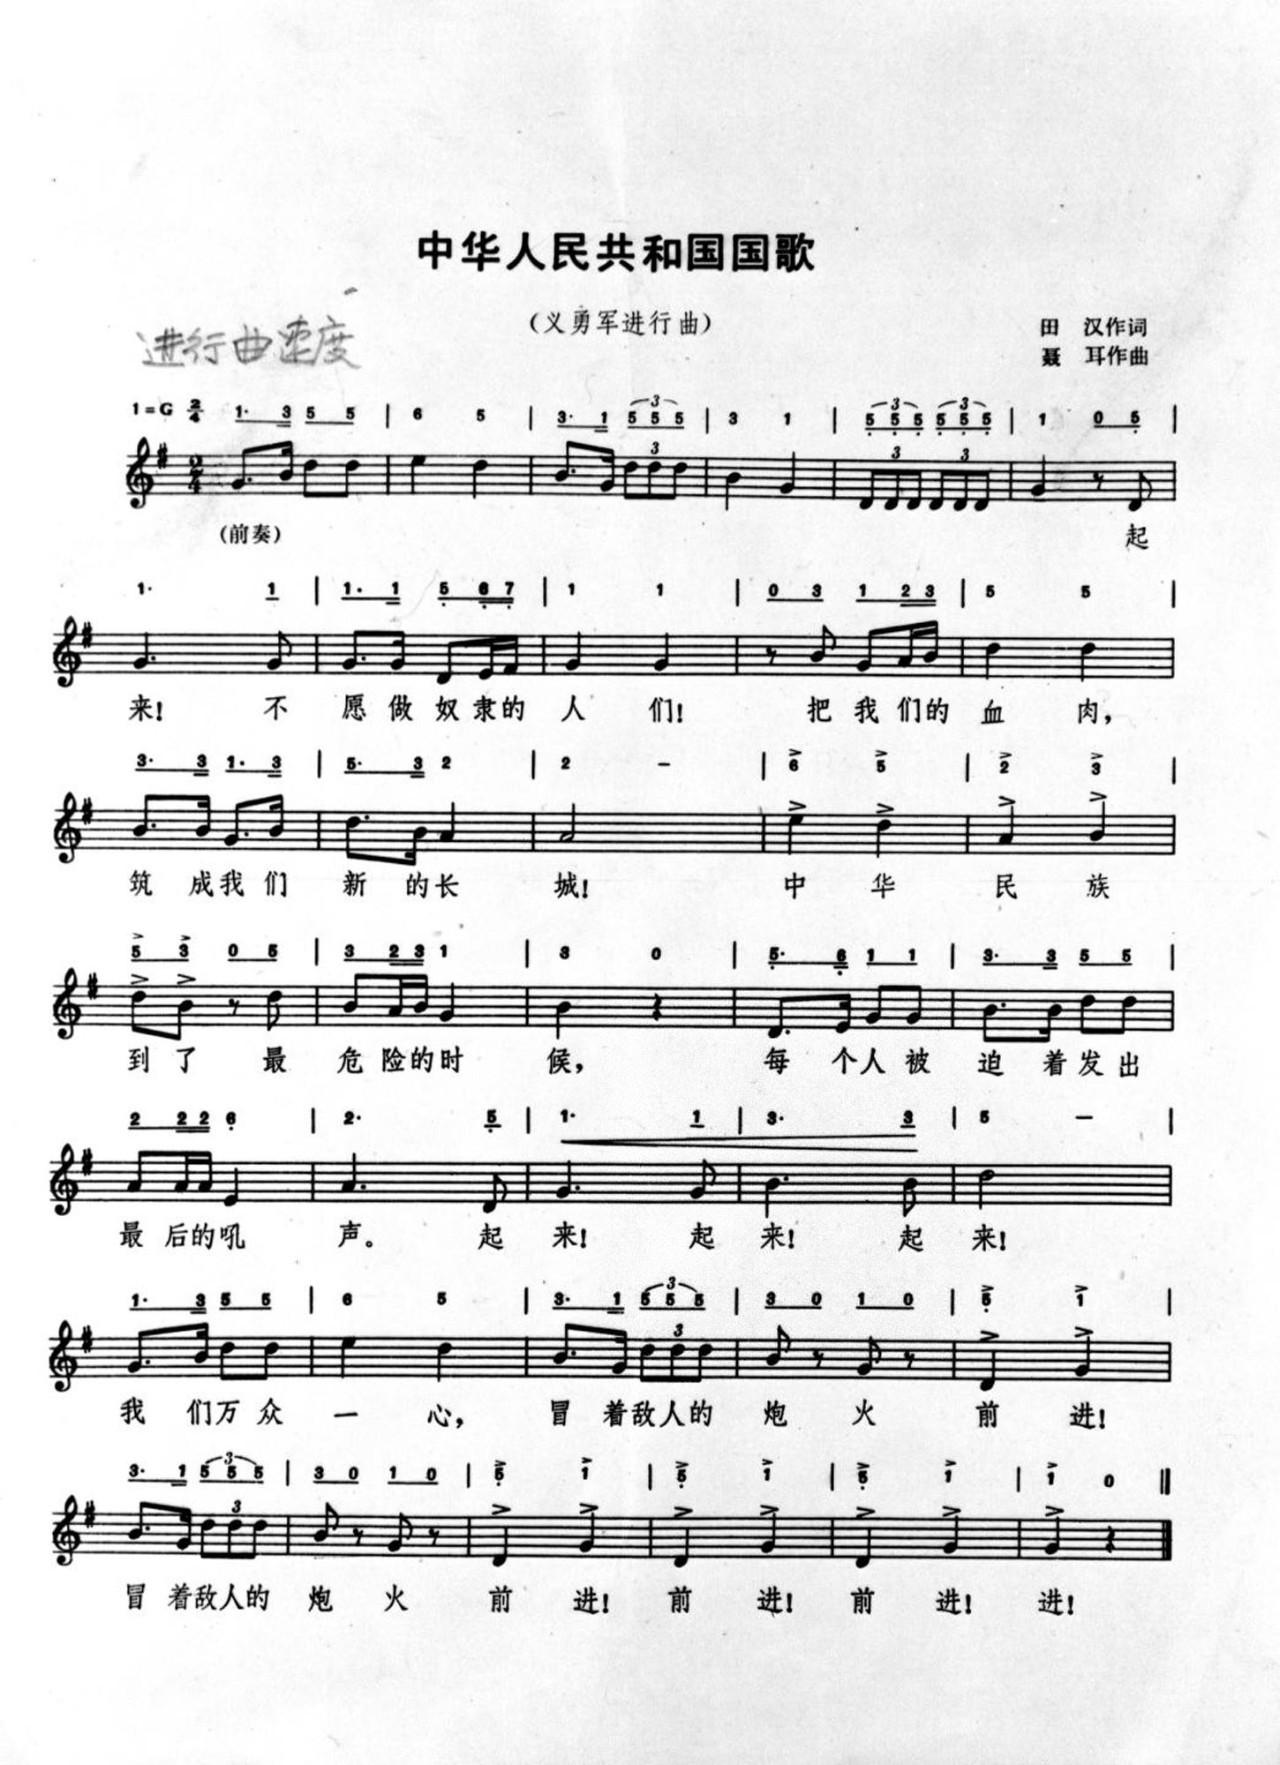 (义勇军进行曲词谱。新华社发)